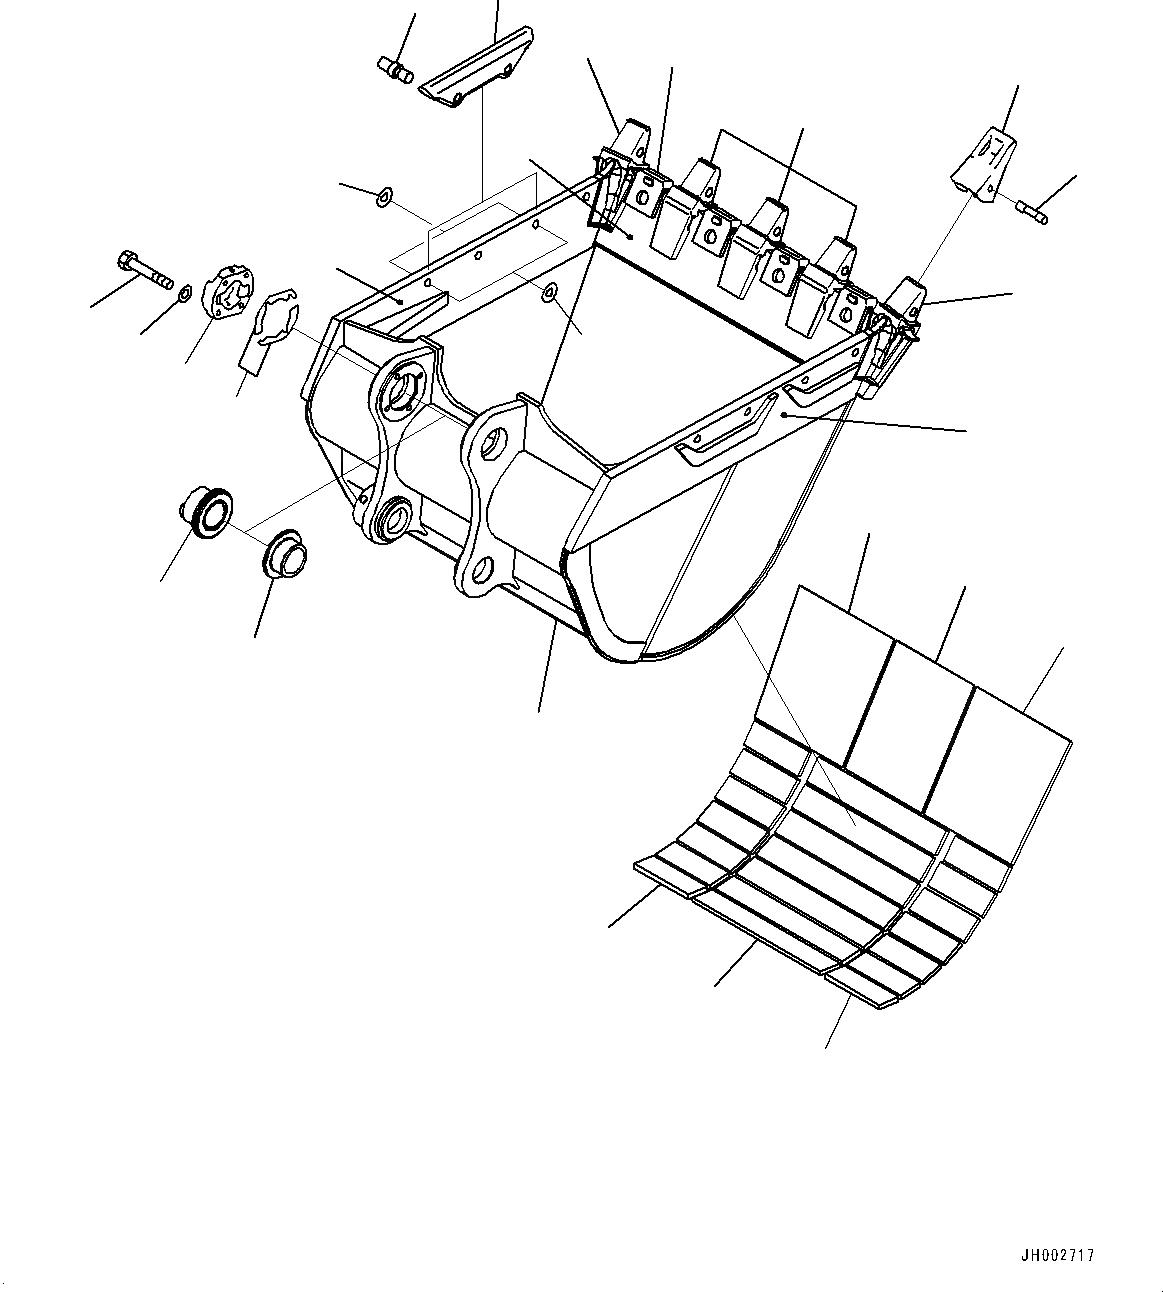 208-934-7180 Komatsu АДАПТЕР КОРОНКИ КОВША